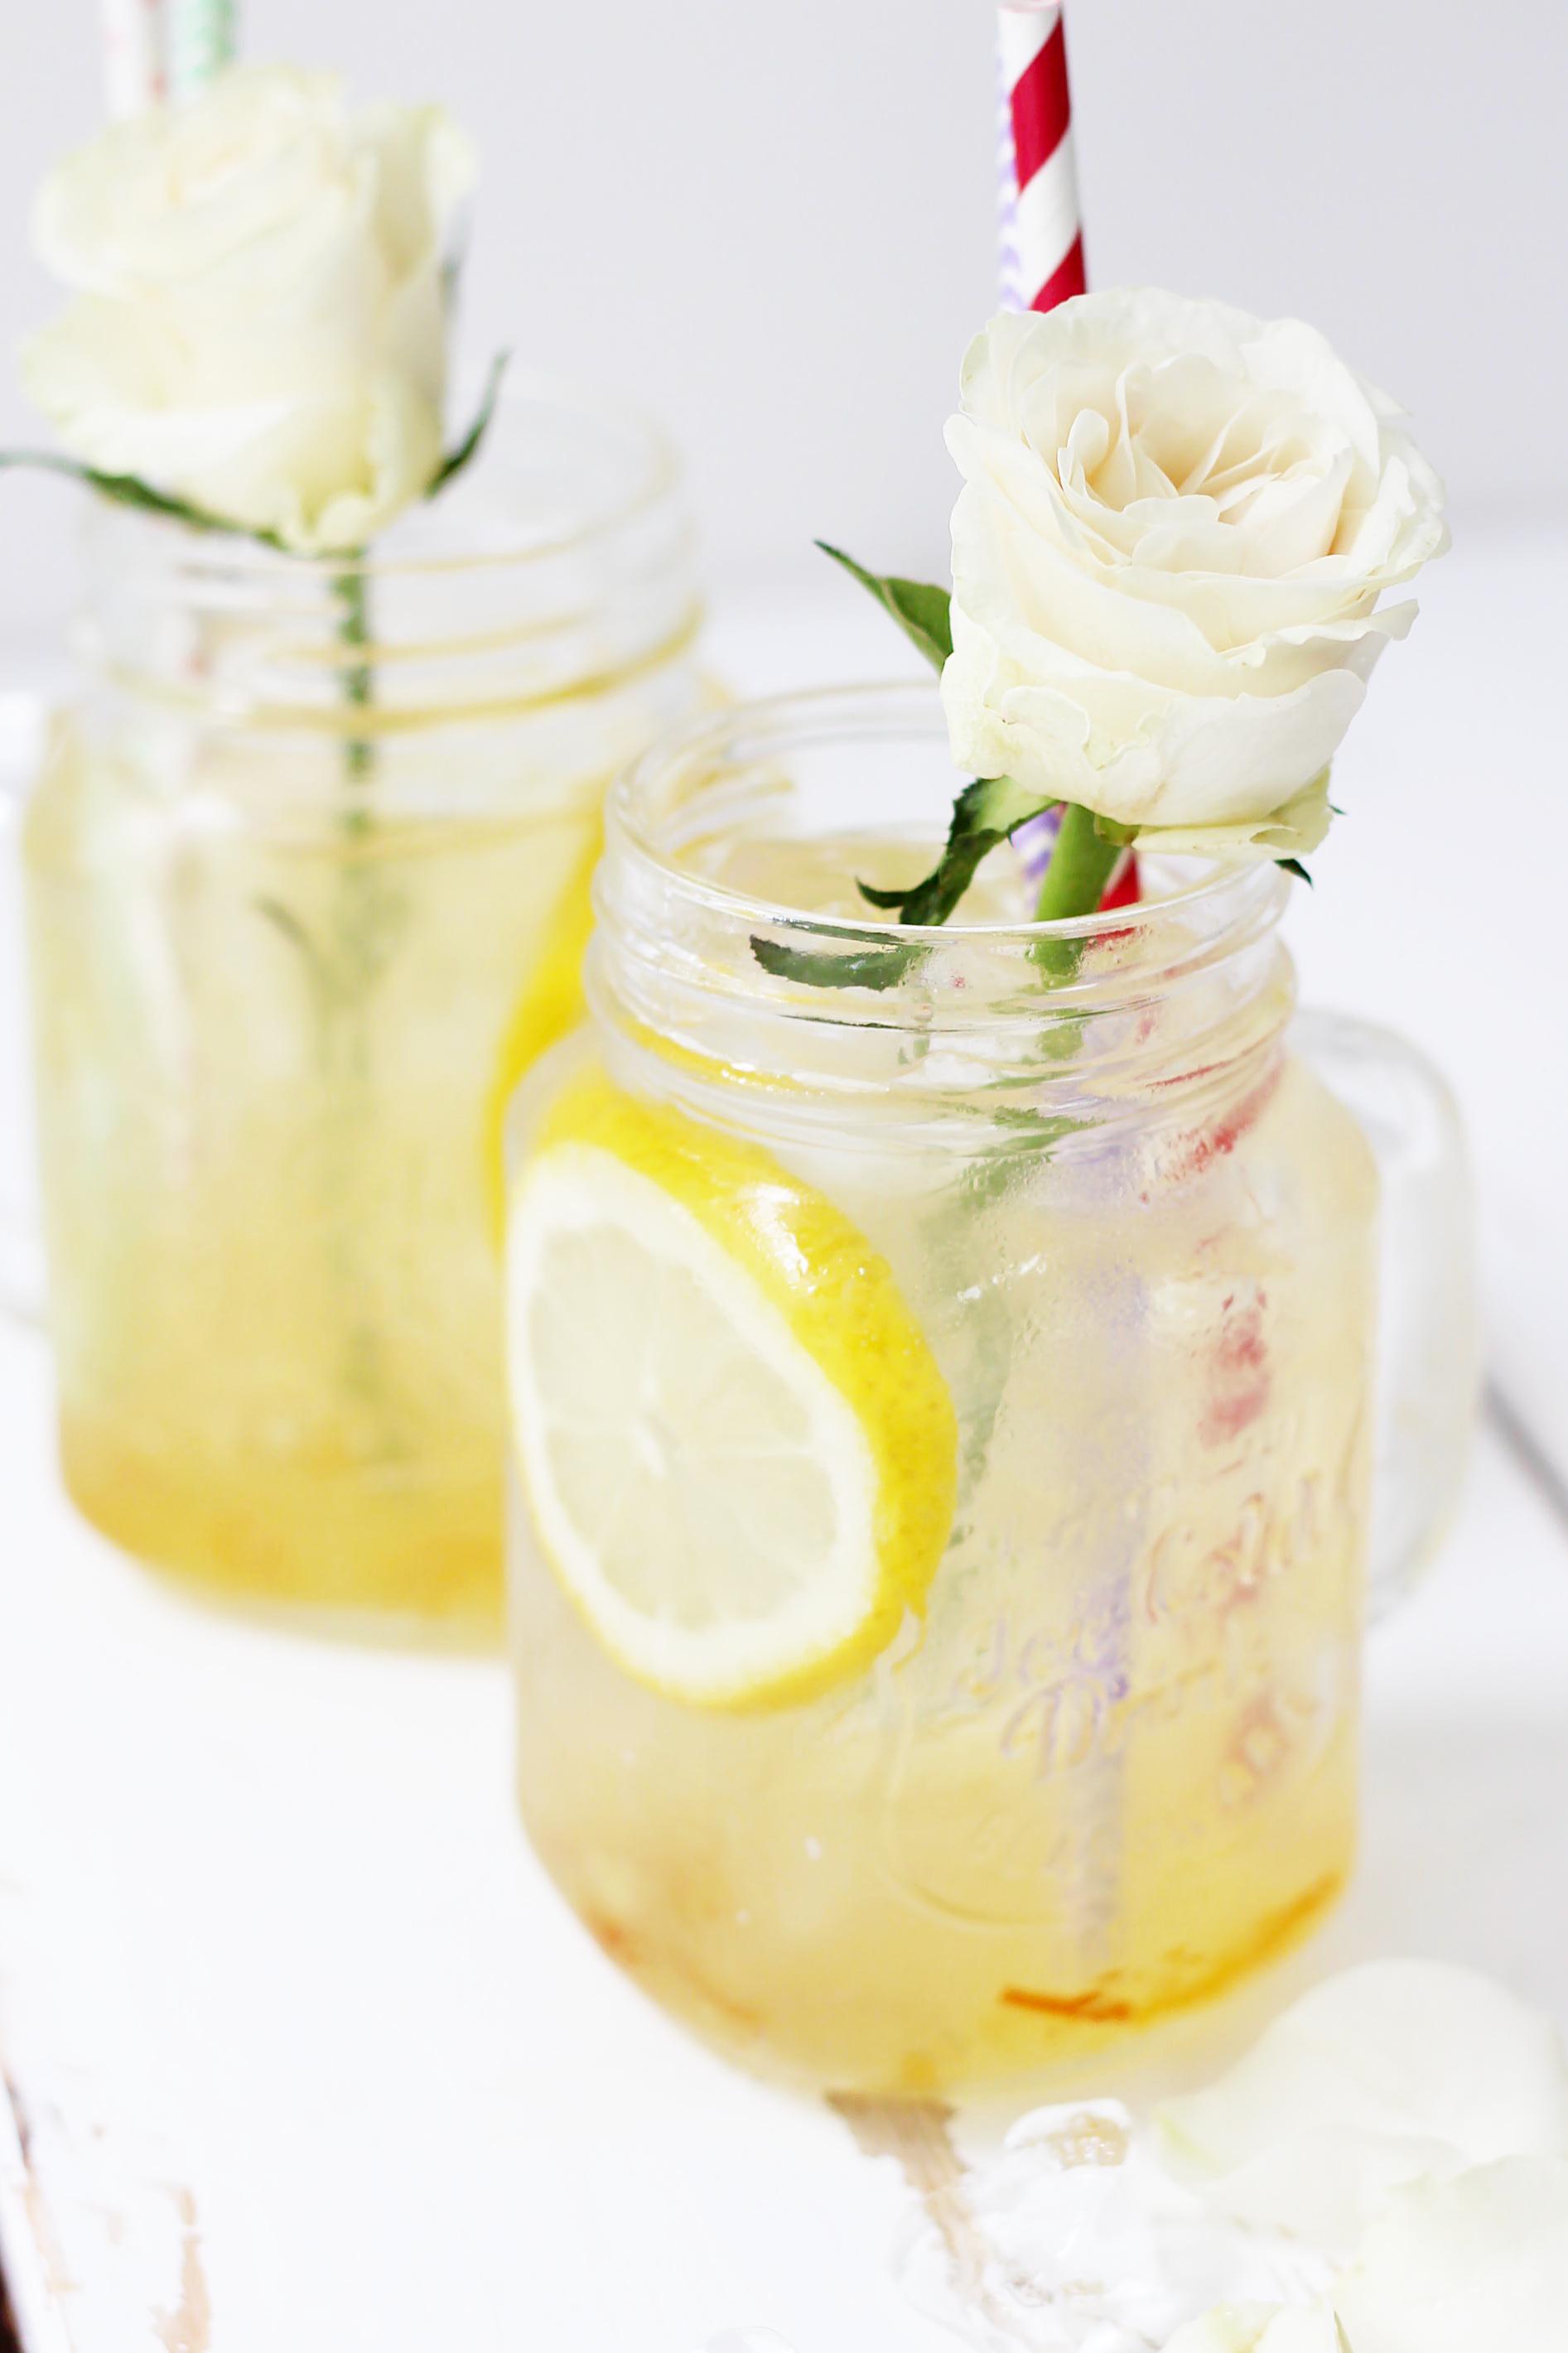 Rezepte-Sommer-Drinks-Limonade-Selbermachen-DIY-Blog